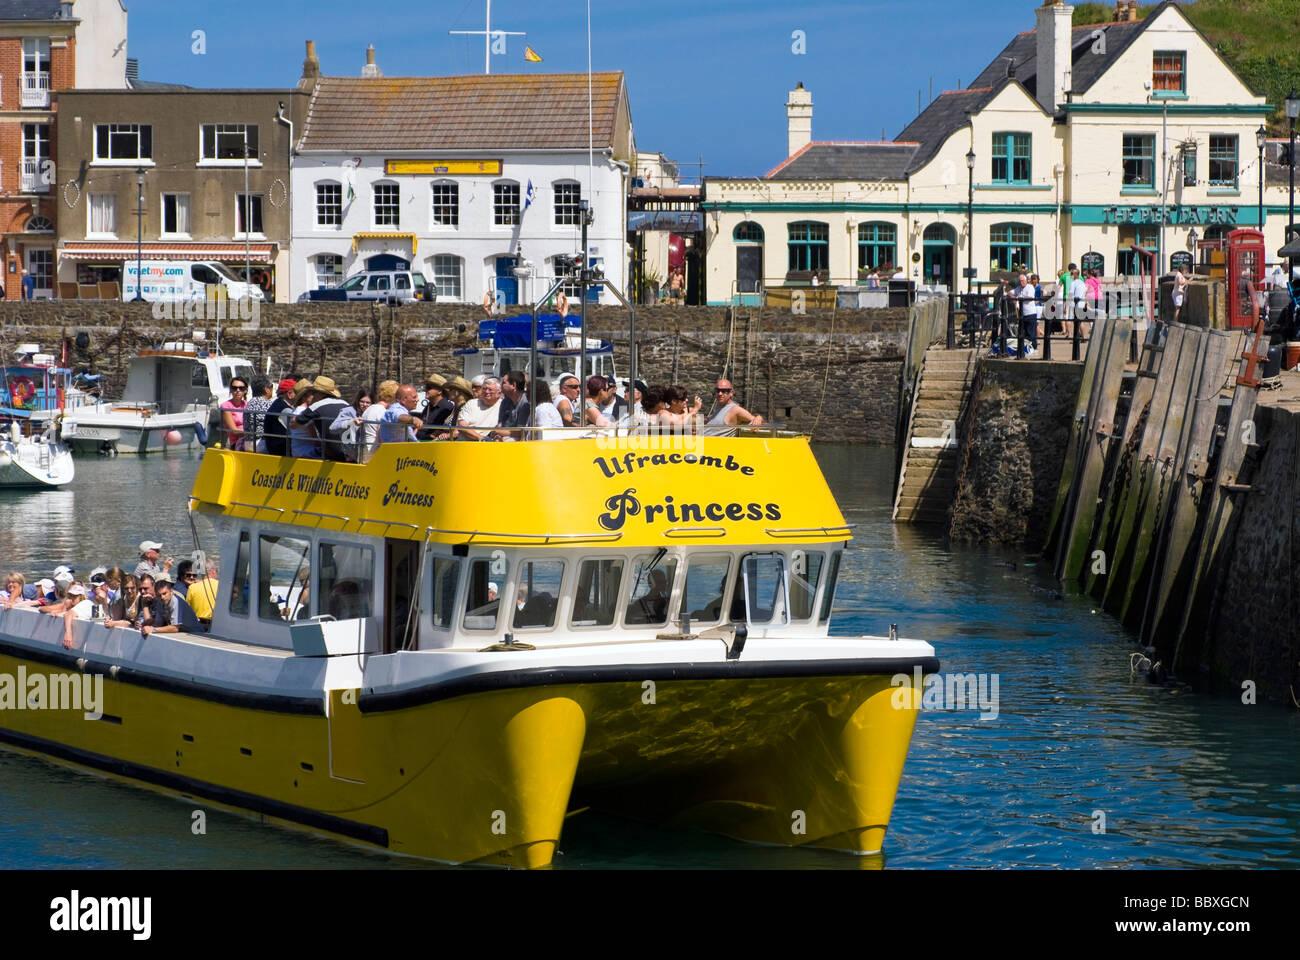 Ilfracombe Principessa barca catamarano offrendo coastal & wildlife Cruises. Barca con persone, Ilfracombe Harbour, Immagini Stock